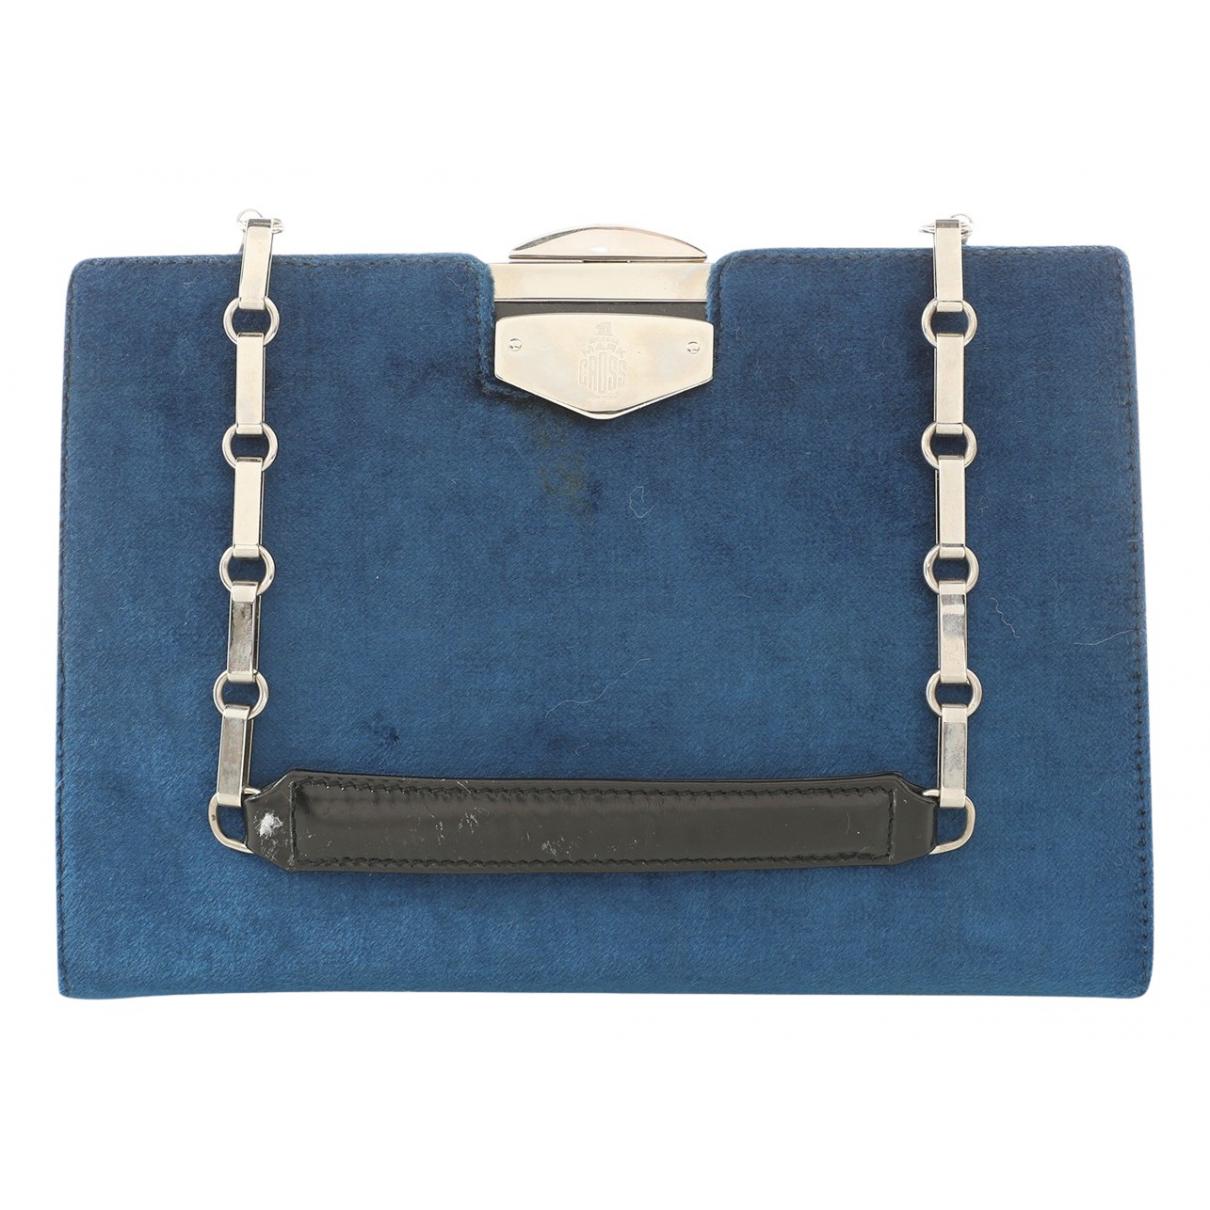 Mark Cross \N Navy Suede Clutch bag for Women \N